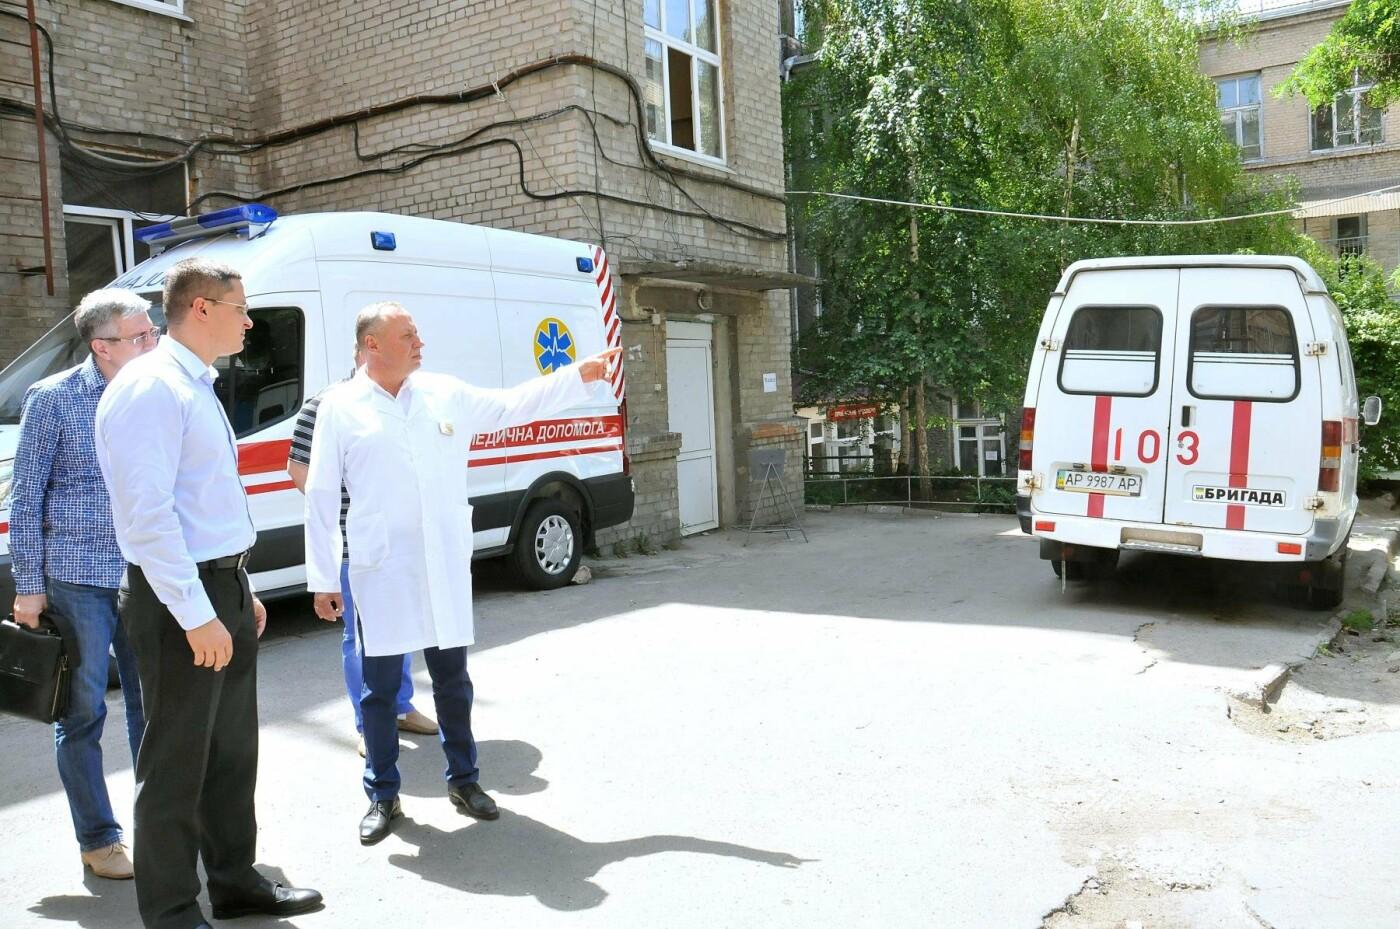 Владислав Марченко: Через месяц в областной детской больнице начнется демонтаж и строительство нового хирургического блока, фото-12